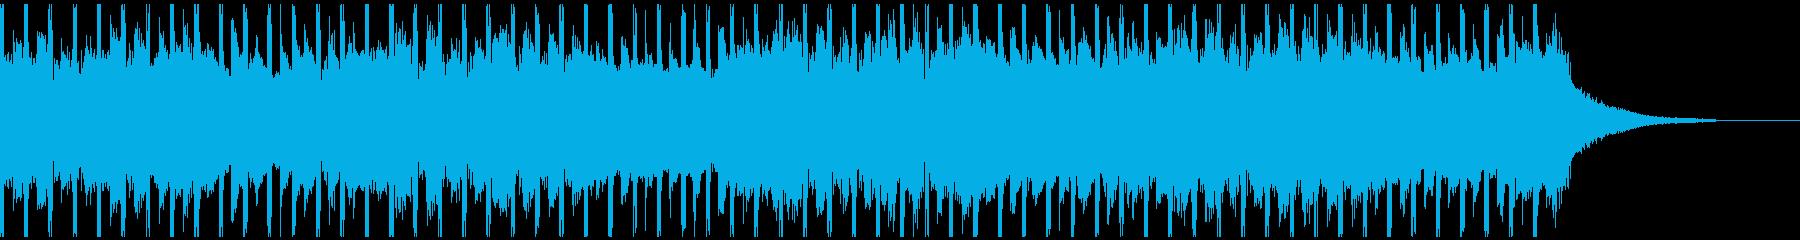 企業の動機(ショート2)の再生済みの波形